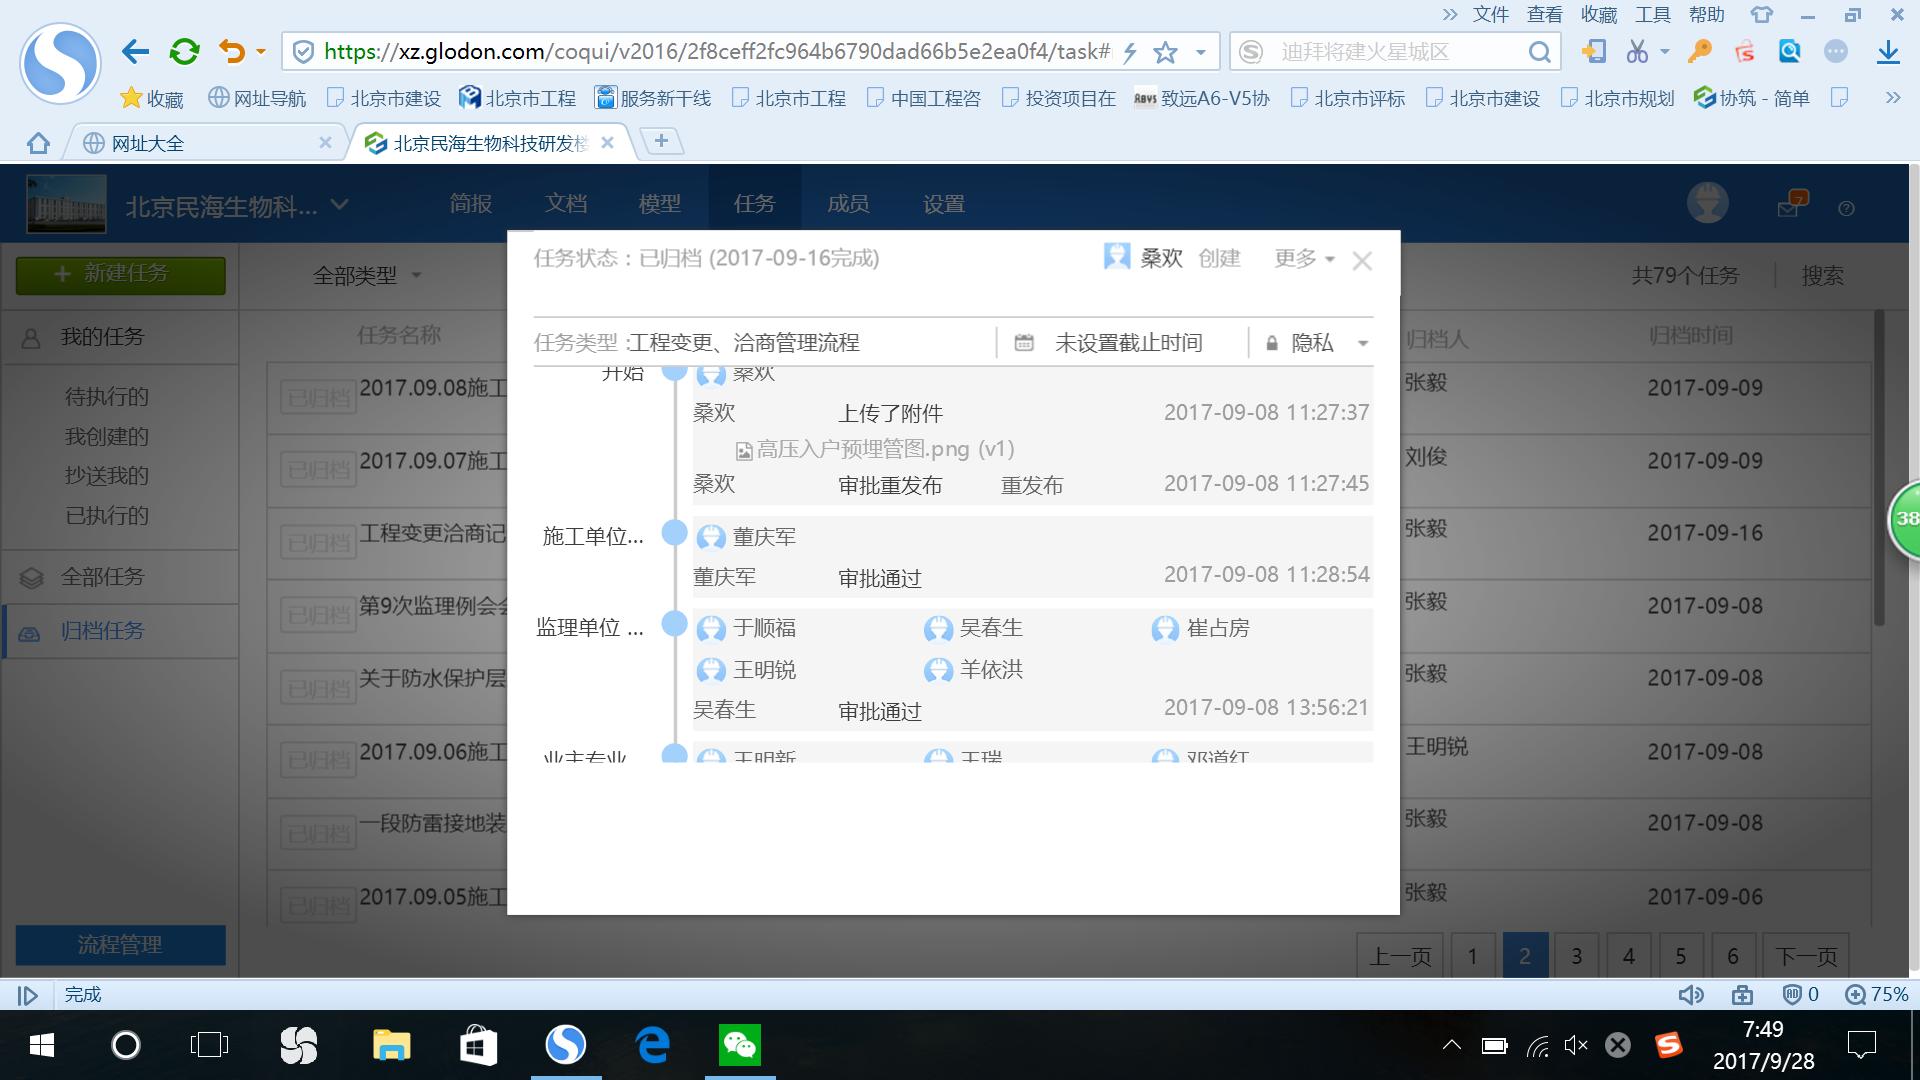 北京民海生物科技公司研发楼的协筑应用分享-协筑